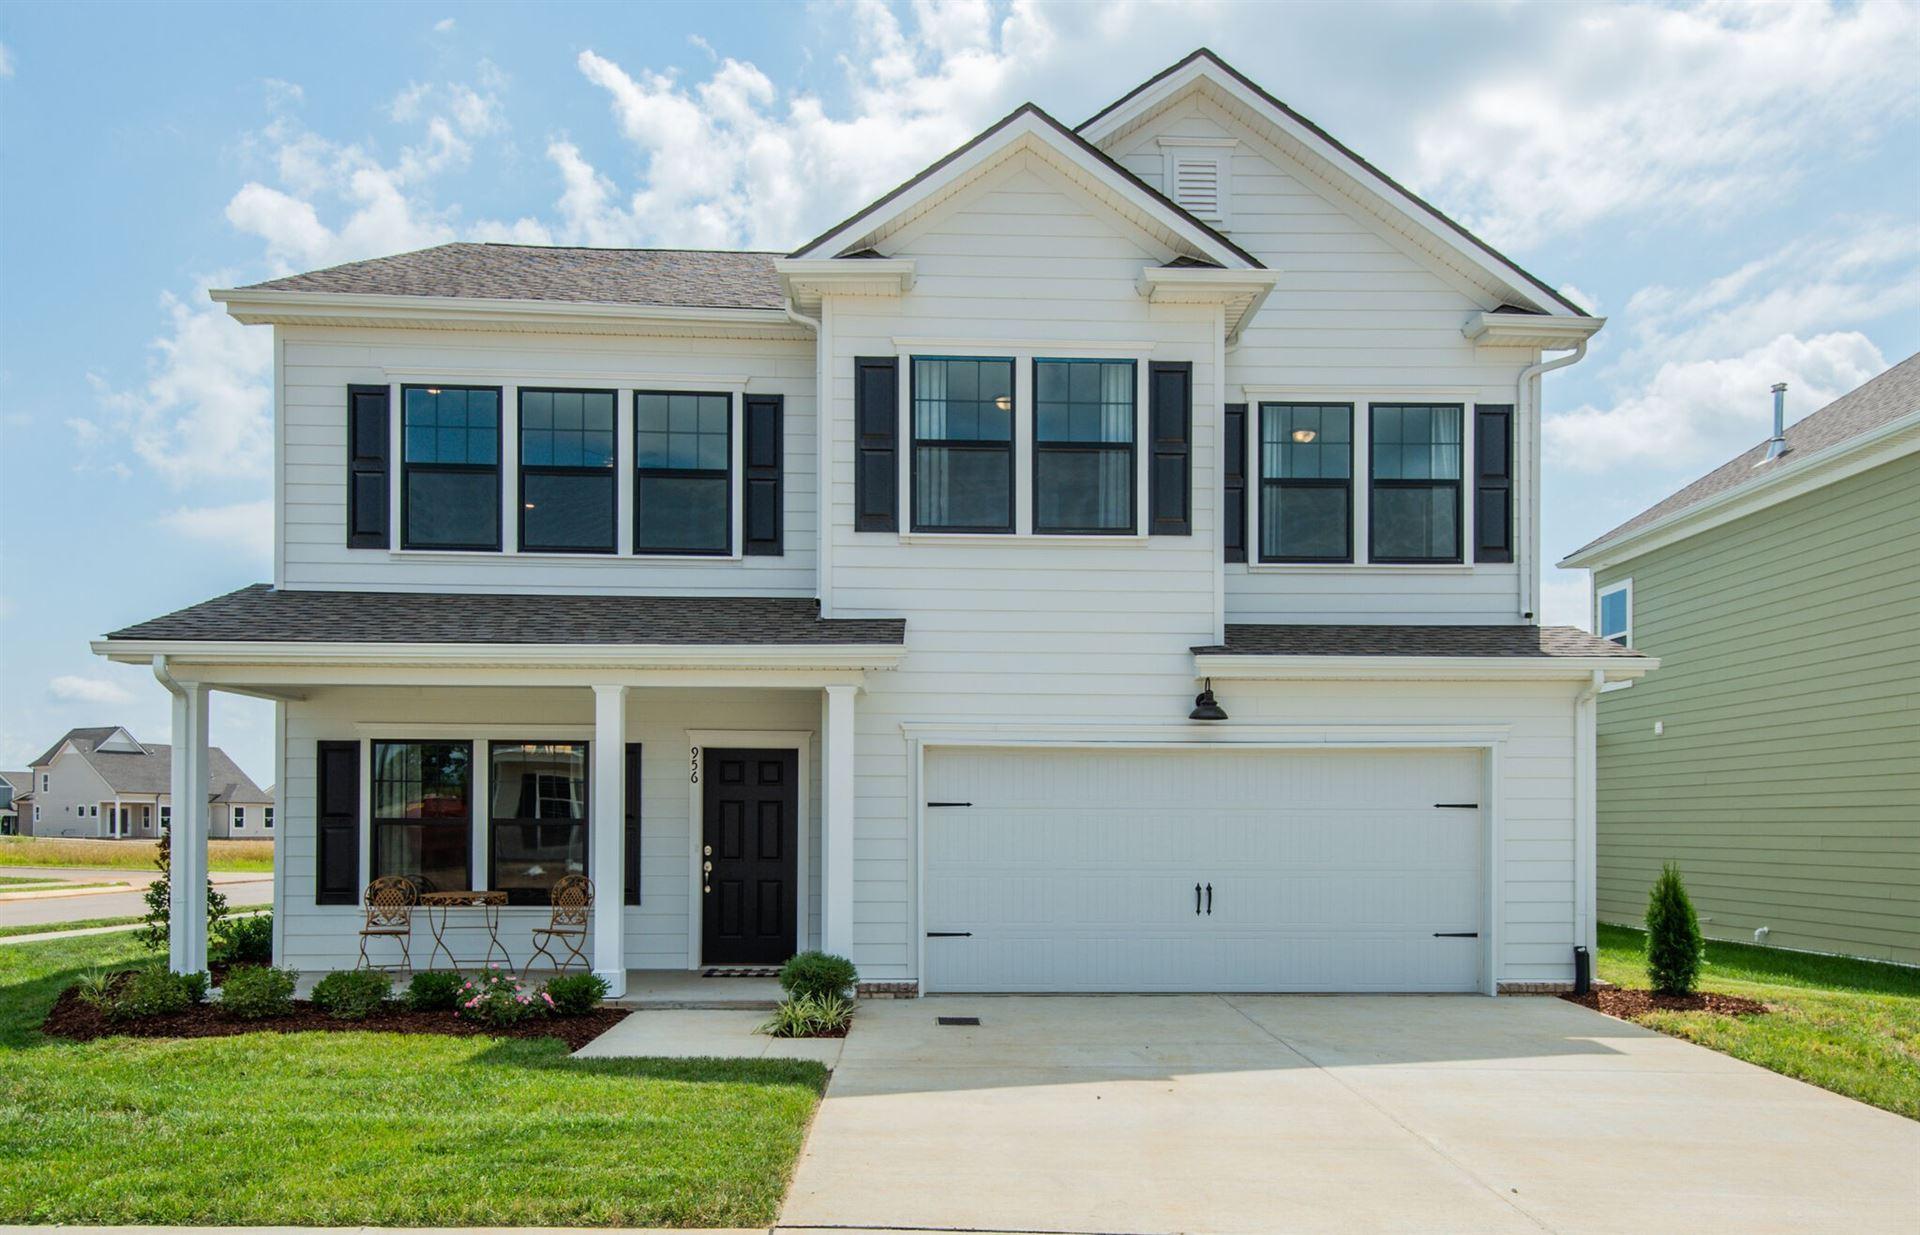 956 Carraway Ln, Spring Hill, TN 37174 - MLS#: 2195954